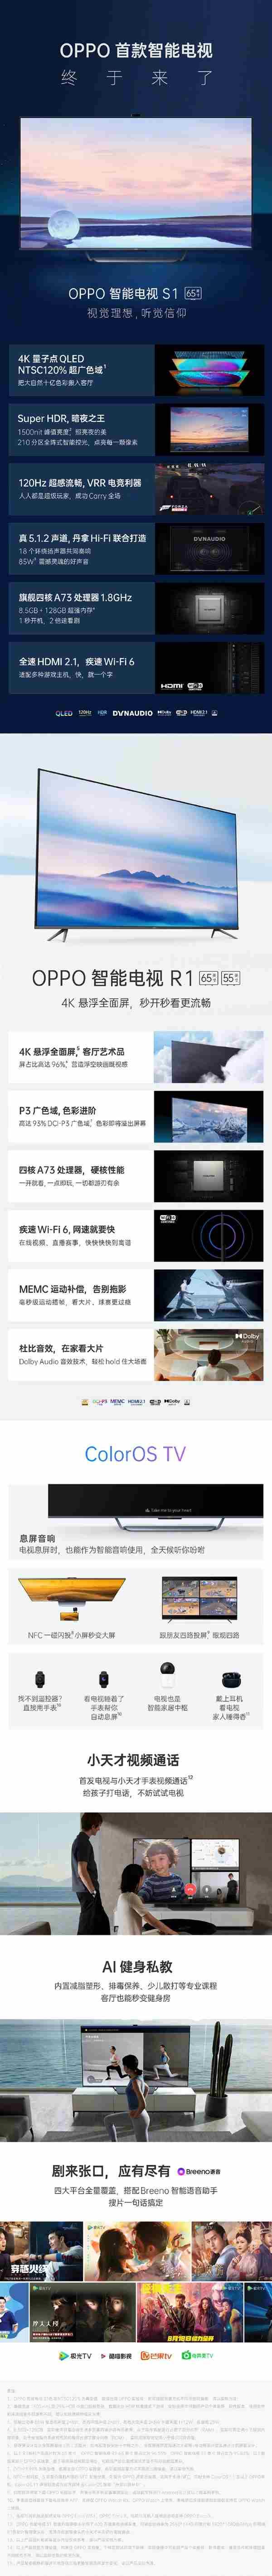 银猫3娱乐:一图看懂OPPO首款旗舰智能电视S1:120Hz高刷屏、7999元